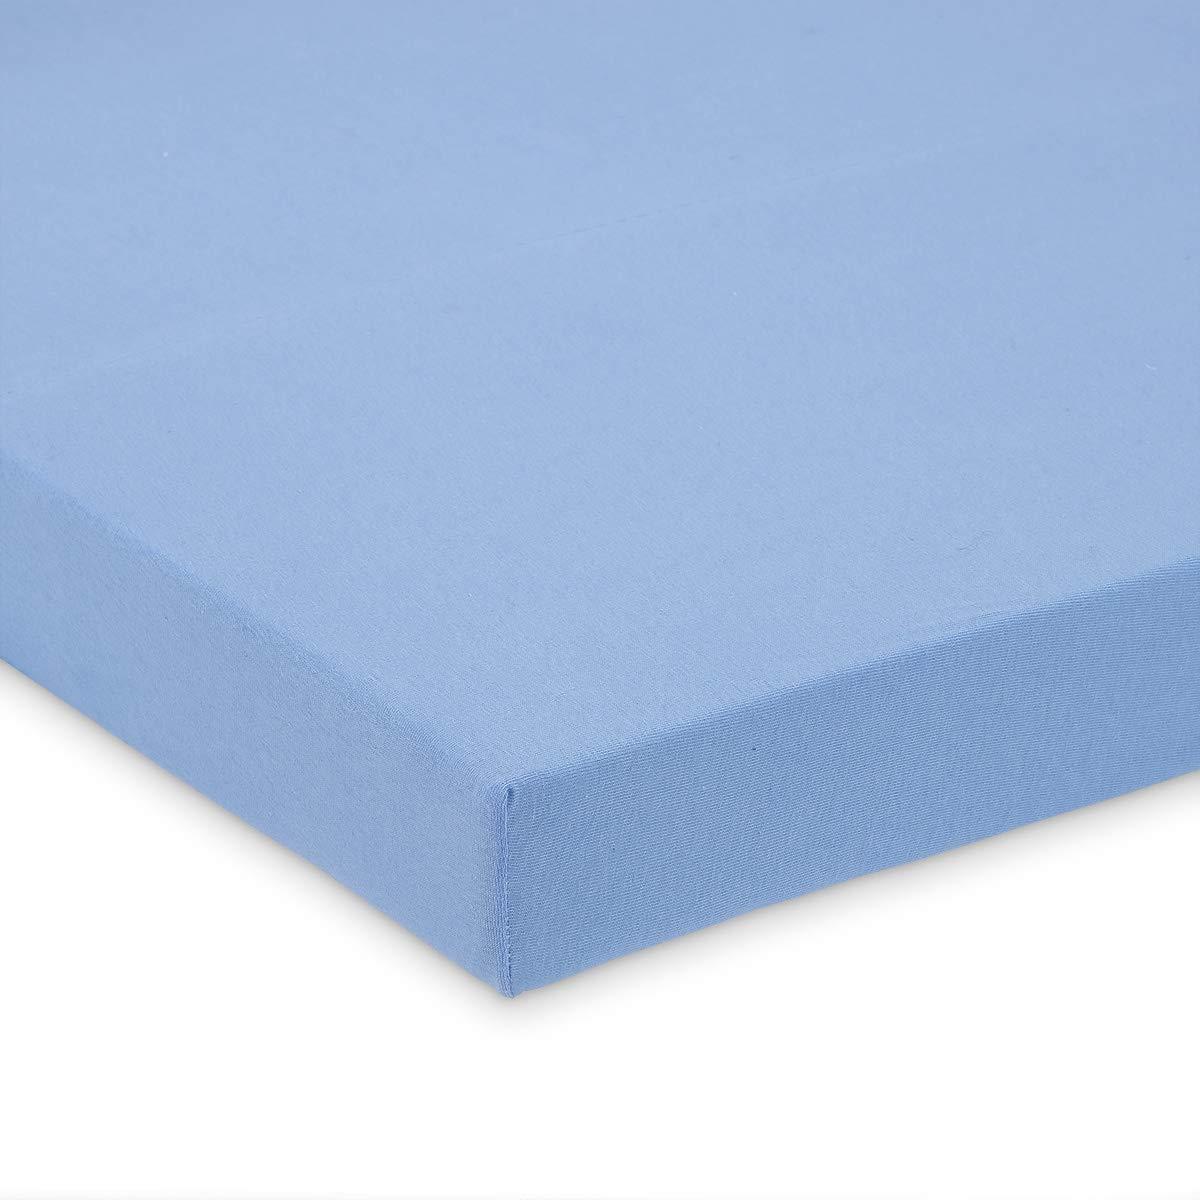 FabiMax 2699 Jersey Spannbettlaken f/ür Laufgitter 75x100 cm blau